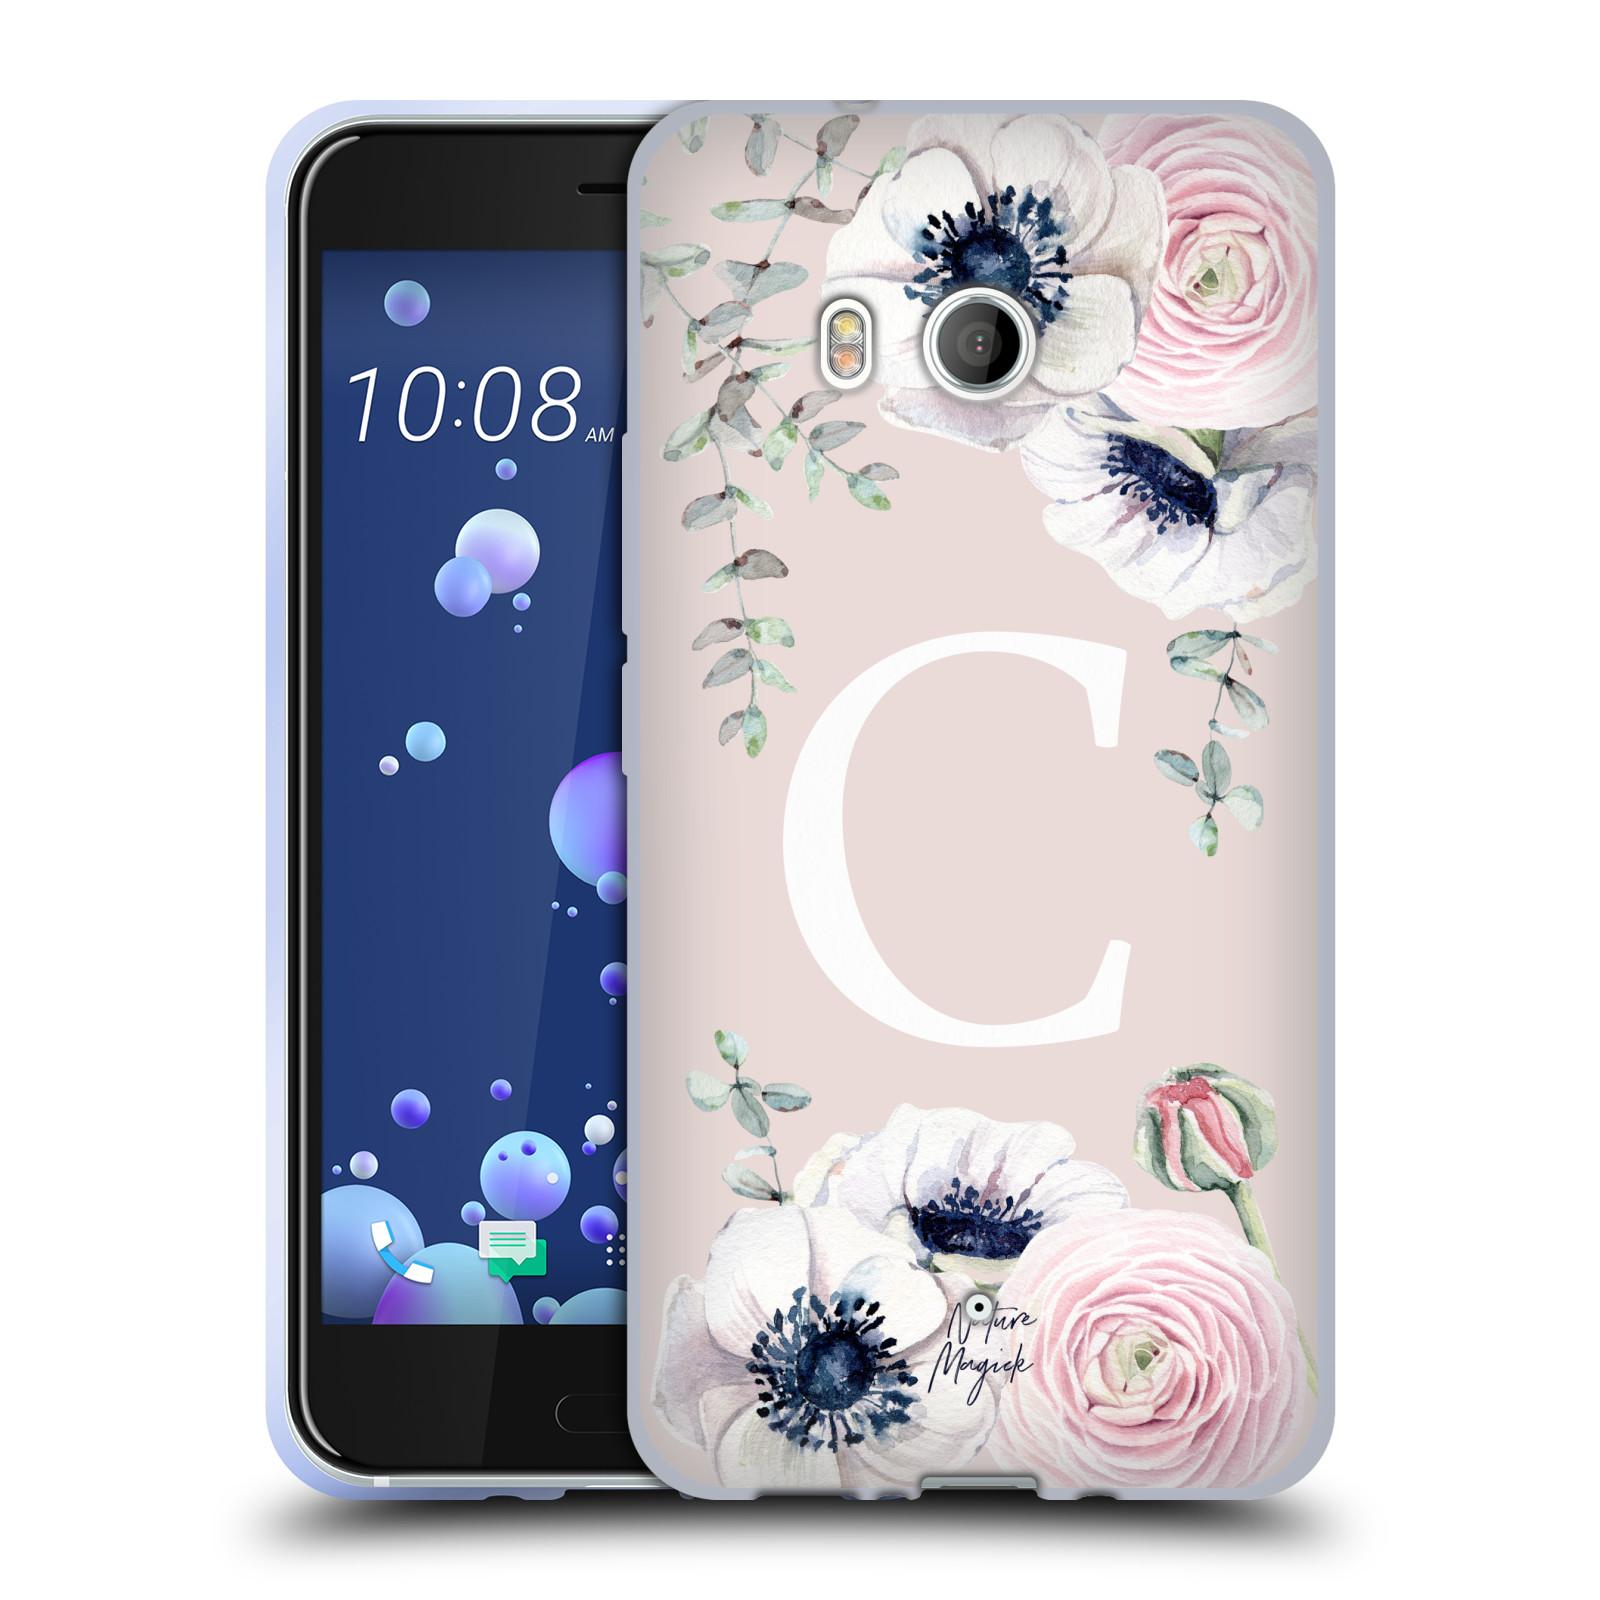 NATURE-MAGICK-MONOGRAMME-FLORALE-FLEURS-ROSE-ETUI-COQUE-EN-GEL-POUR-HTC-PHONES-1